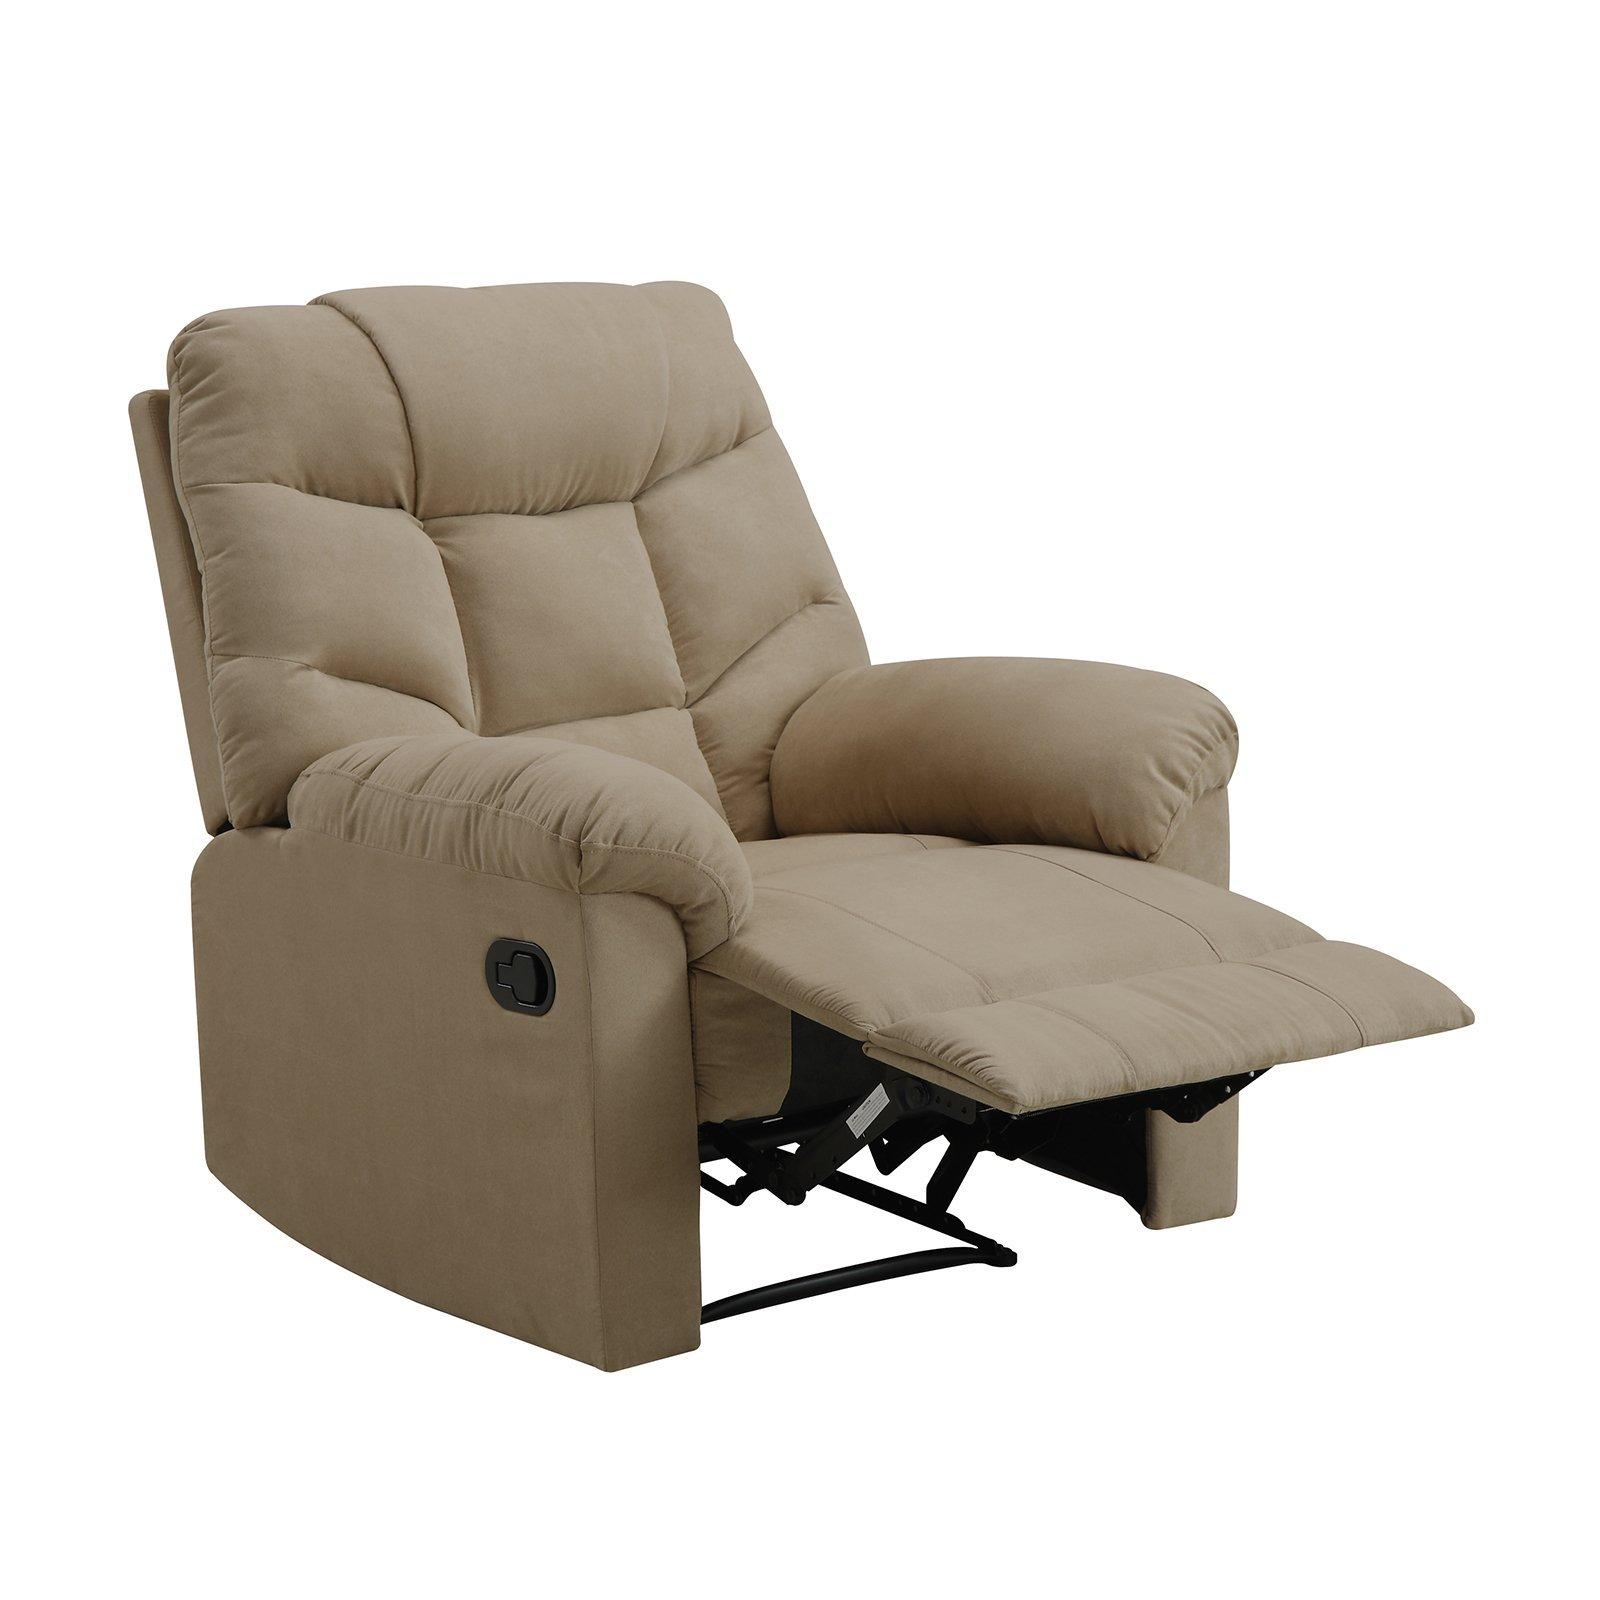 wall hugger recliner chair wheelchair amazon handy living prolounger microfiber